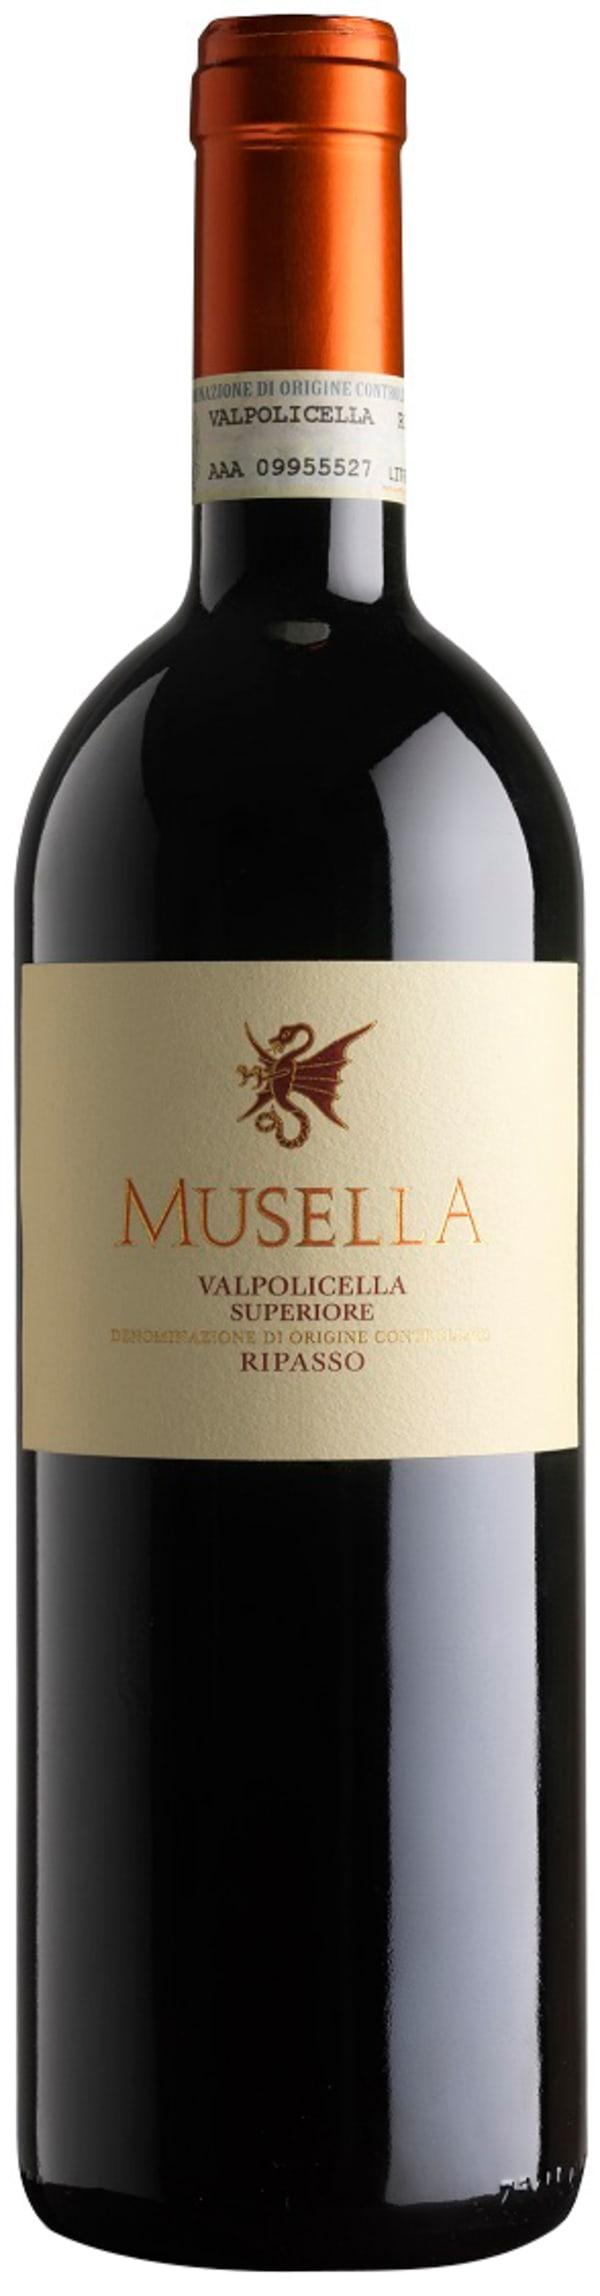 Musella Valpolicella Superiore Ripasso 2013